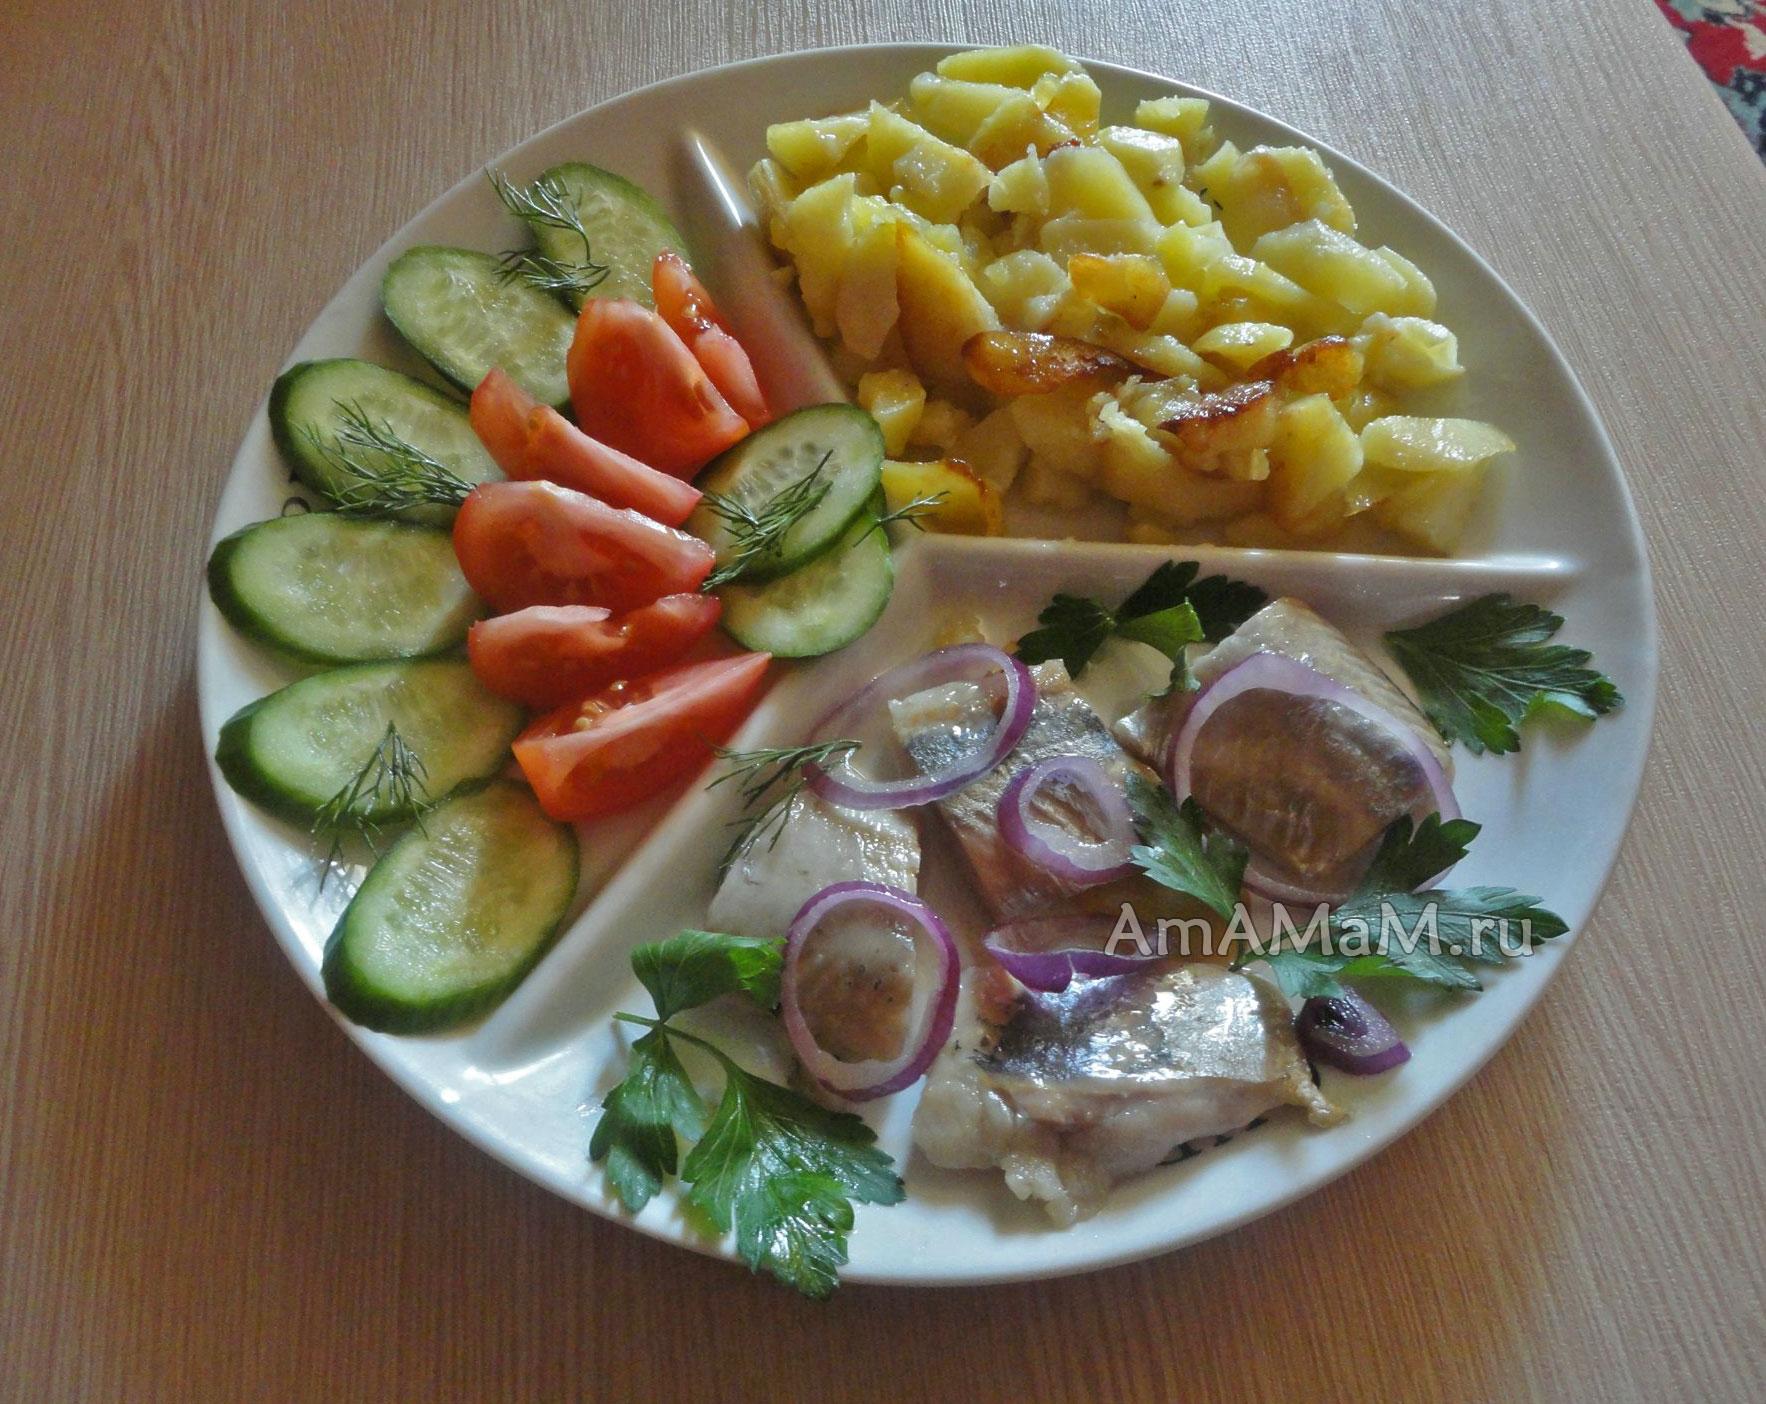 Ужин, рецепты с фото на m: 2431 рецепт блюд для ужина 37